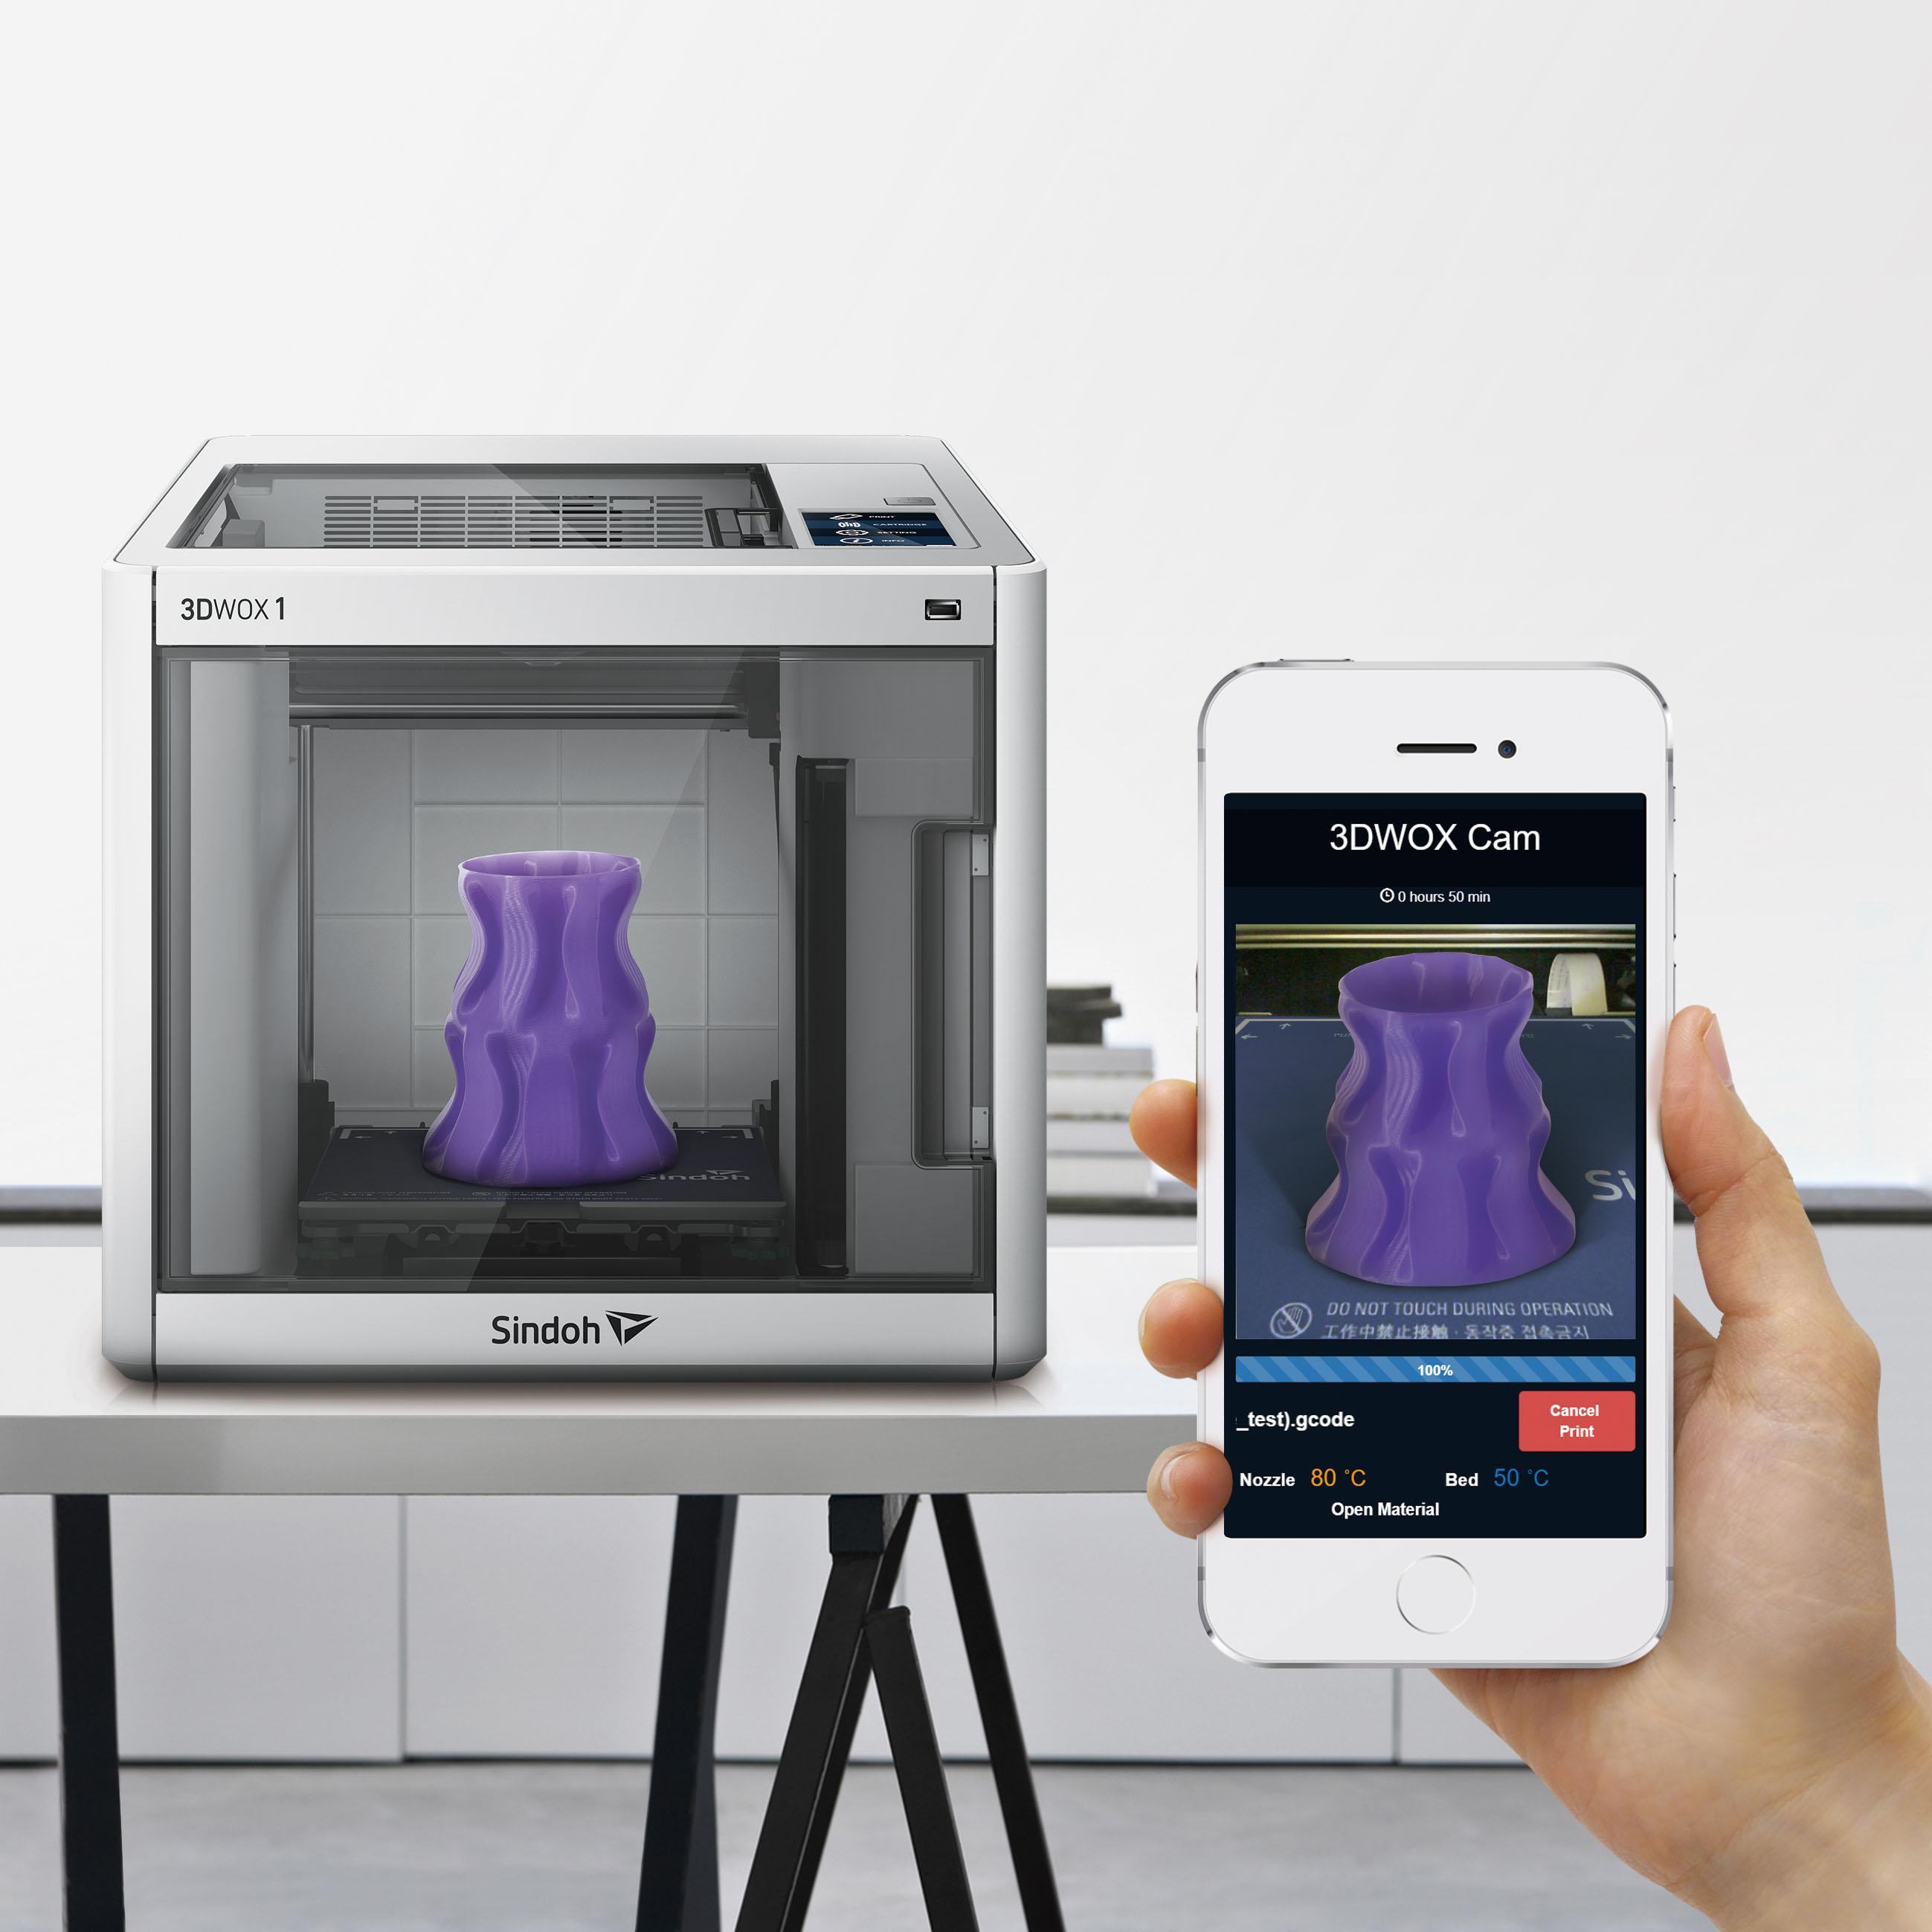 Impresora 3D Sindoh 3DWOX 1 Camara Integrada